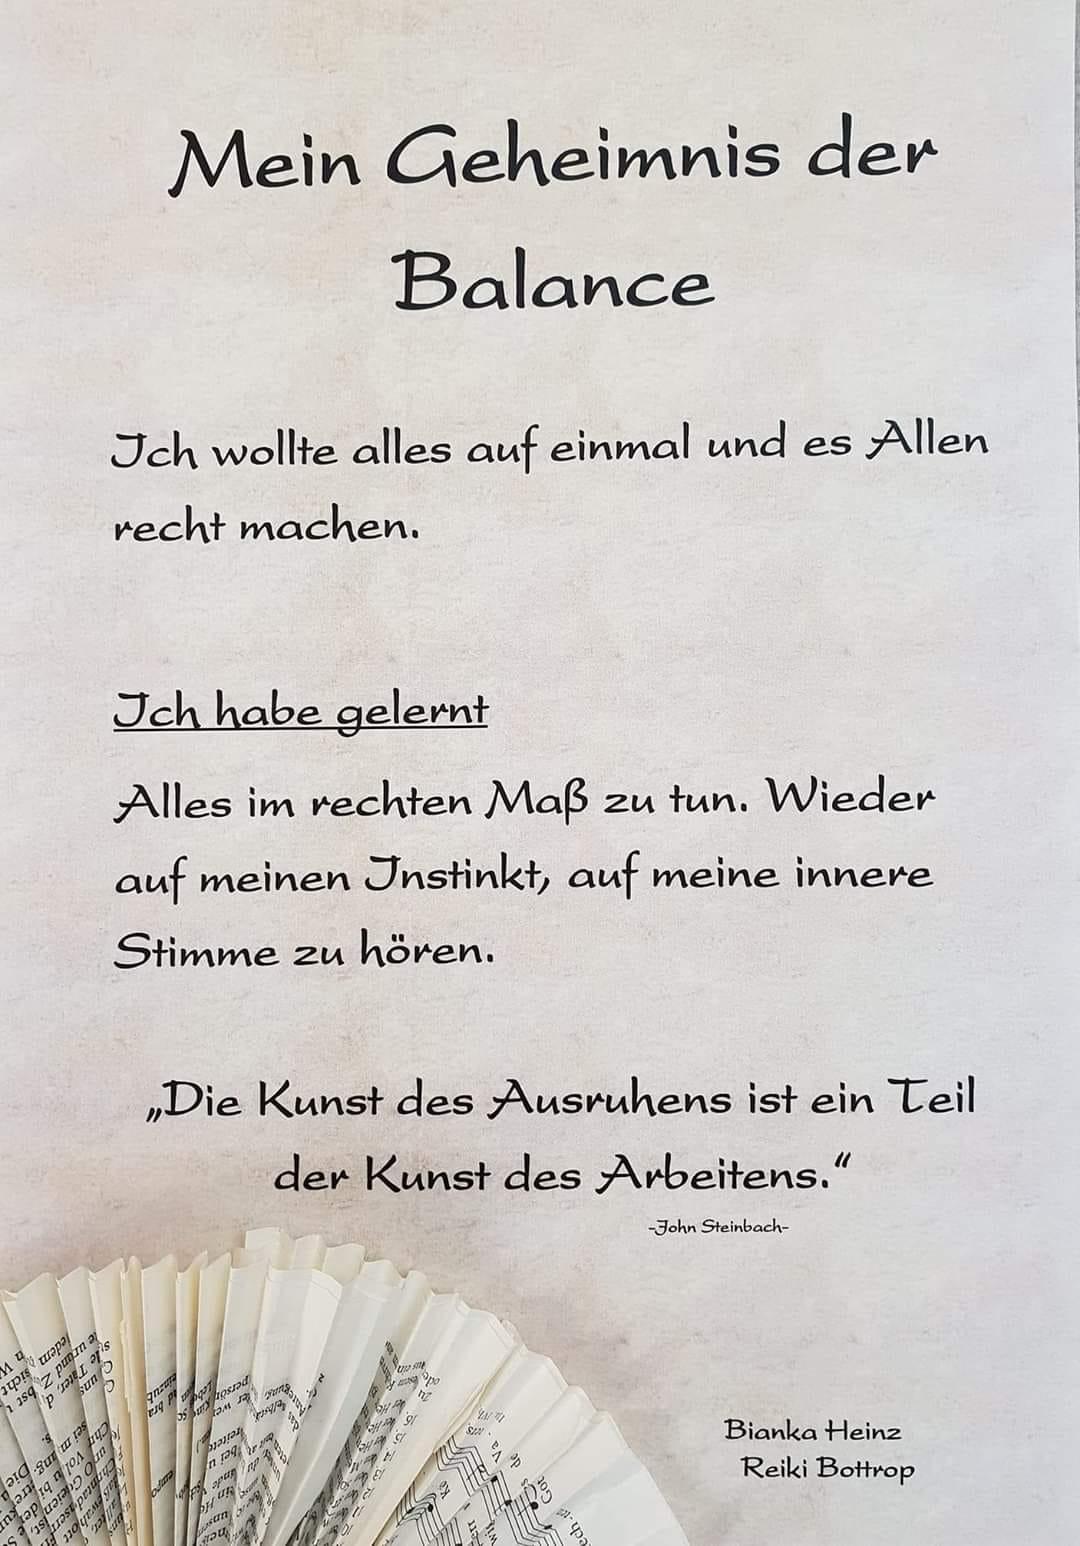 Mein Geheimnis der Balance